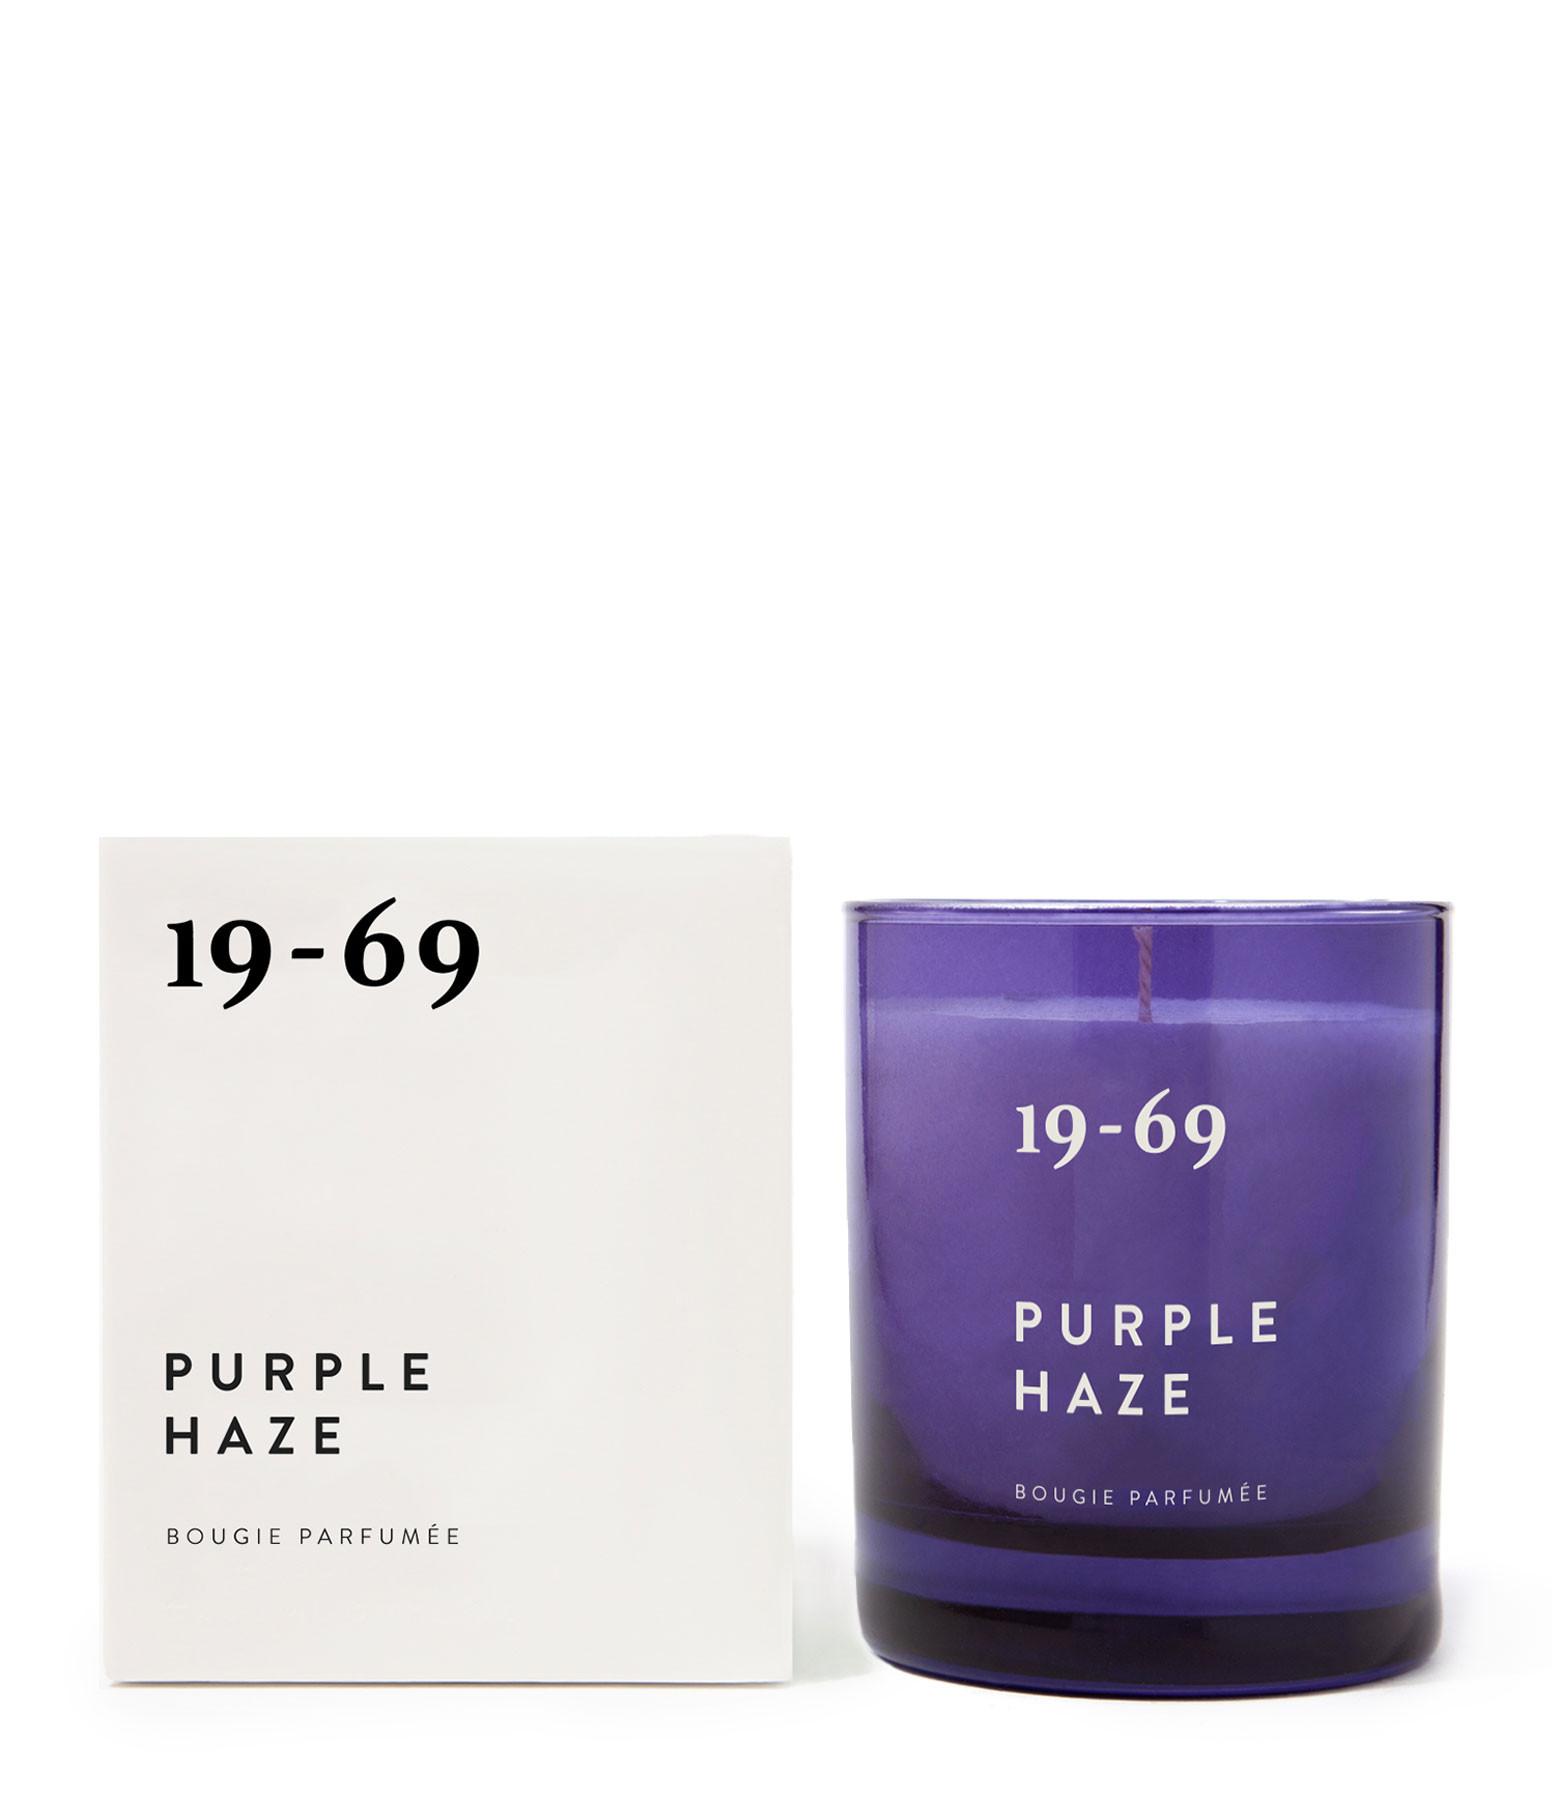 19-69 - Bougie Purple Haze 200 ml